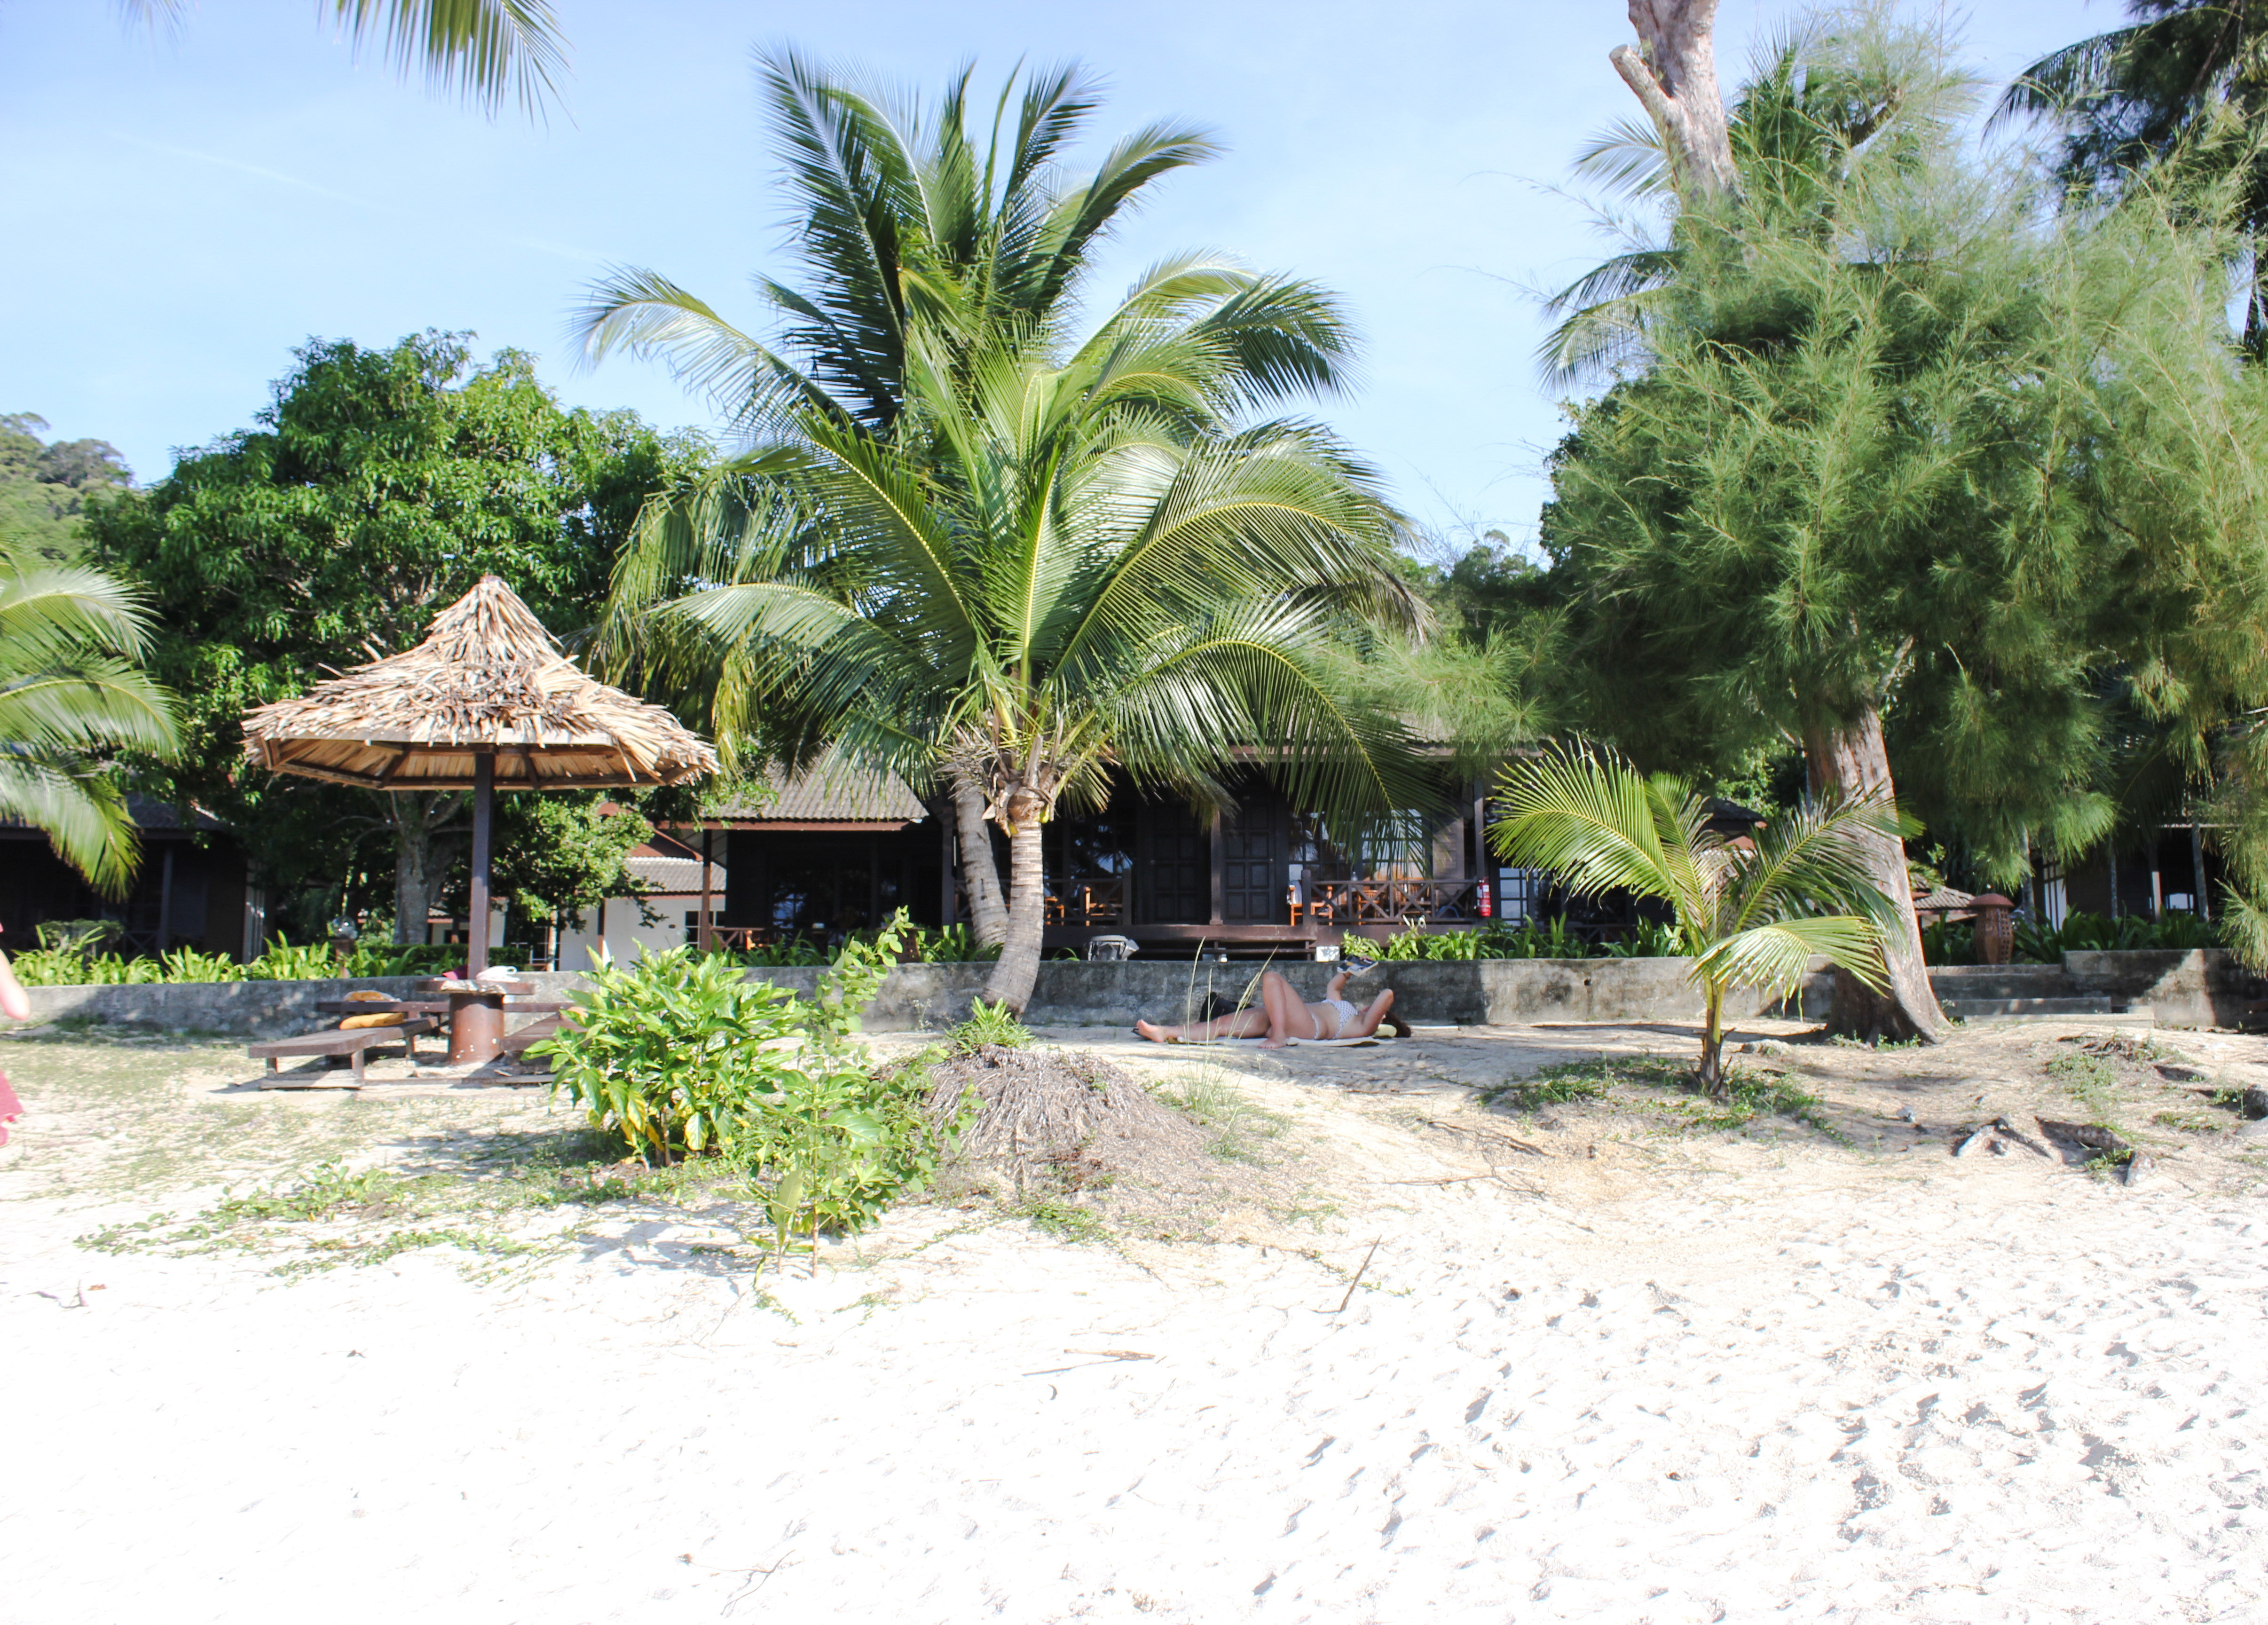 Image de la plage du Perhentian Island Resort